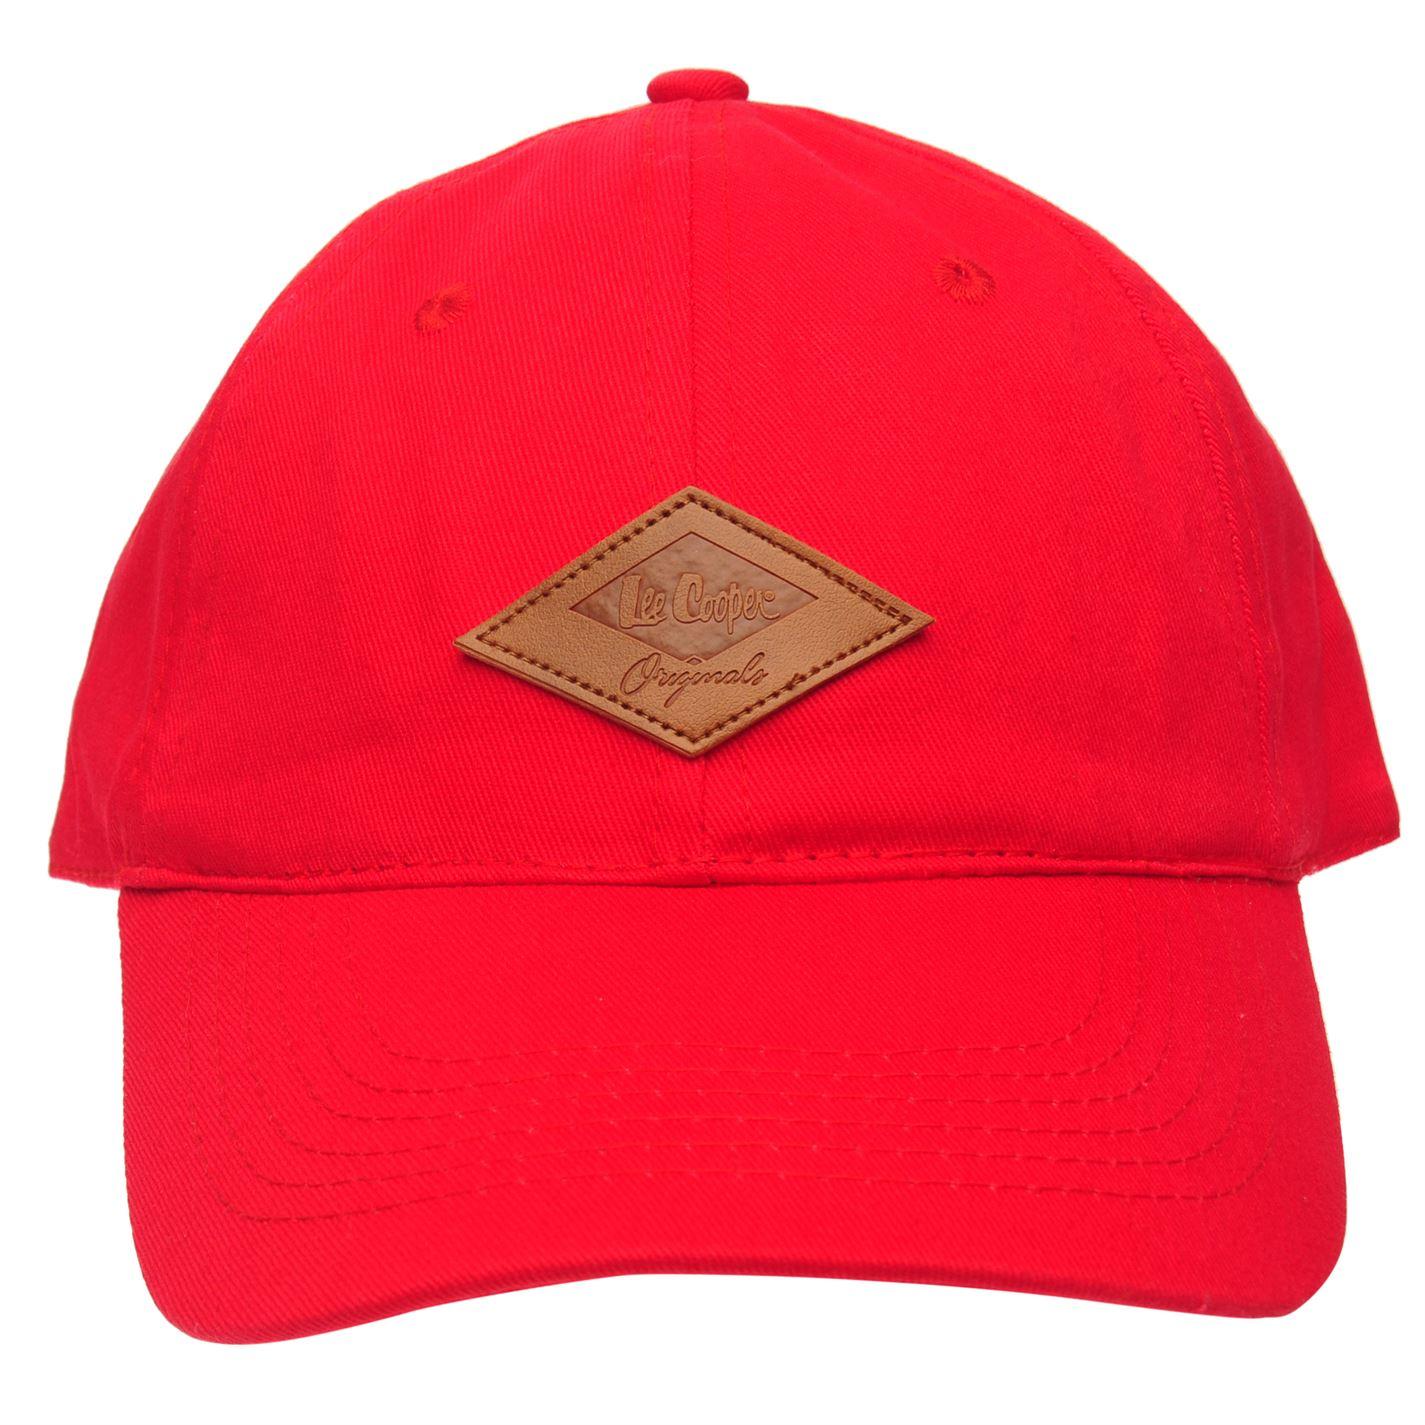 506c681b3 Lee Cooper Originals Cap Mens Gents Baseball Cotton Breathability ...